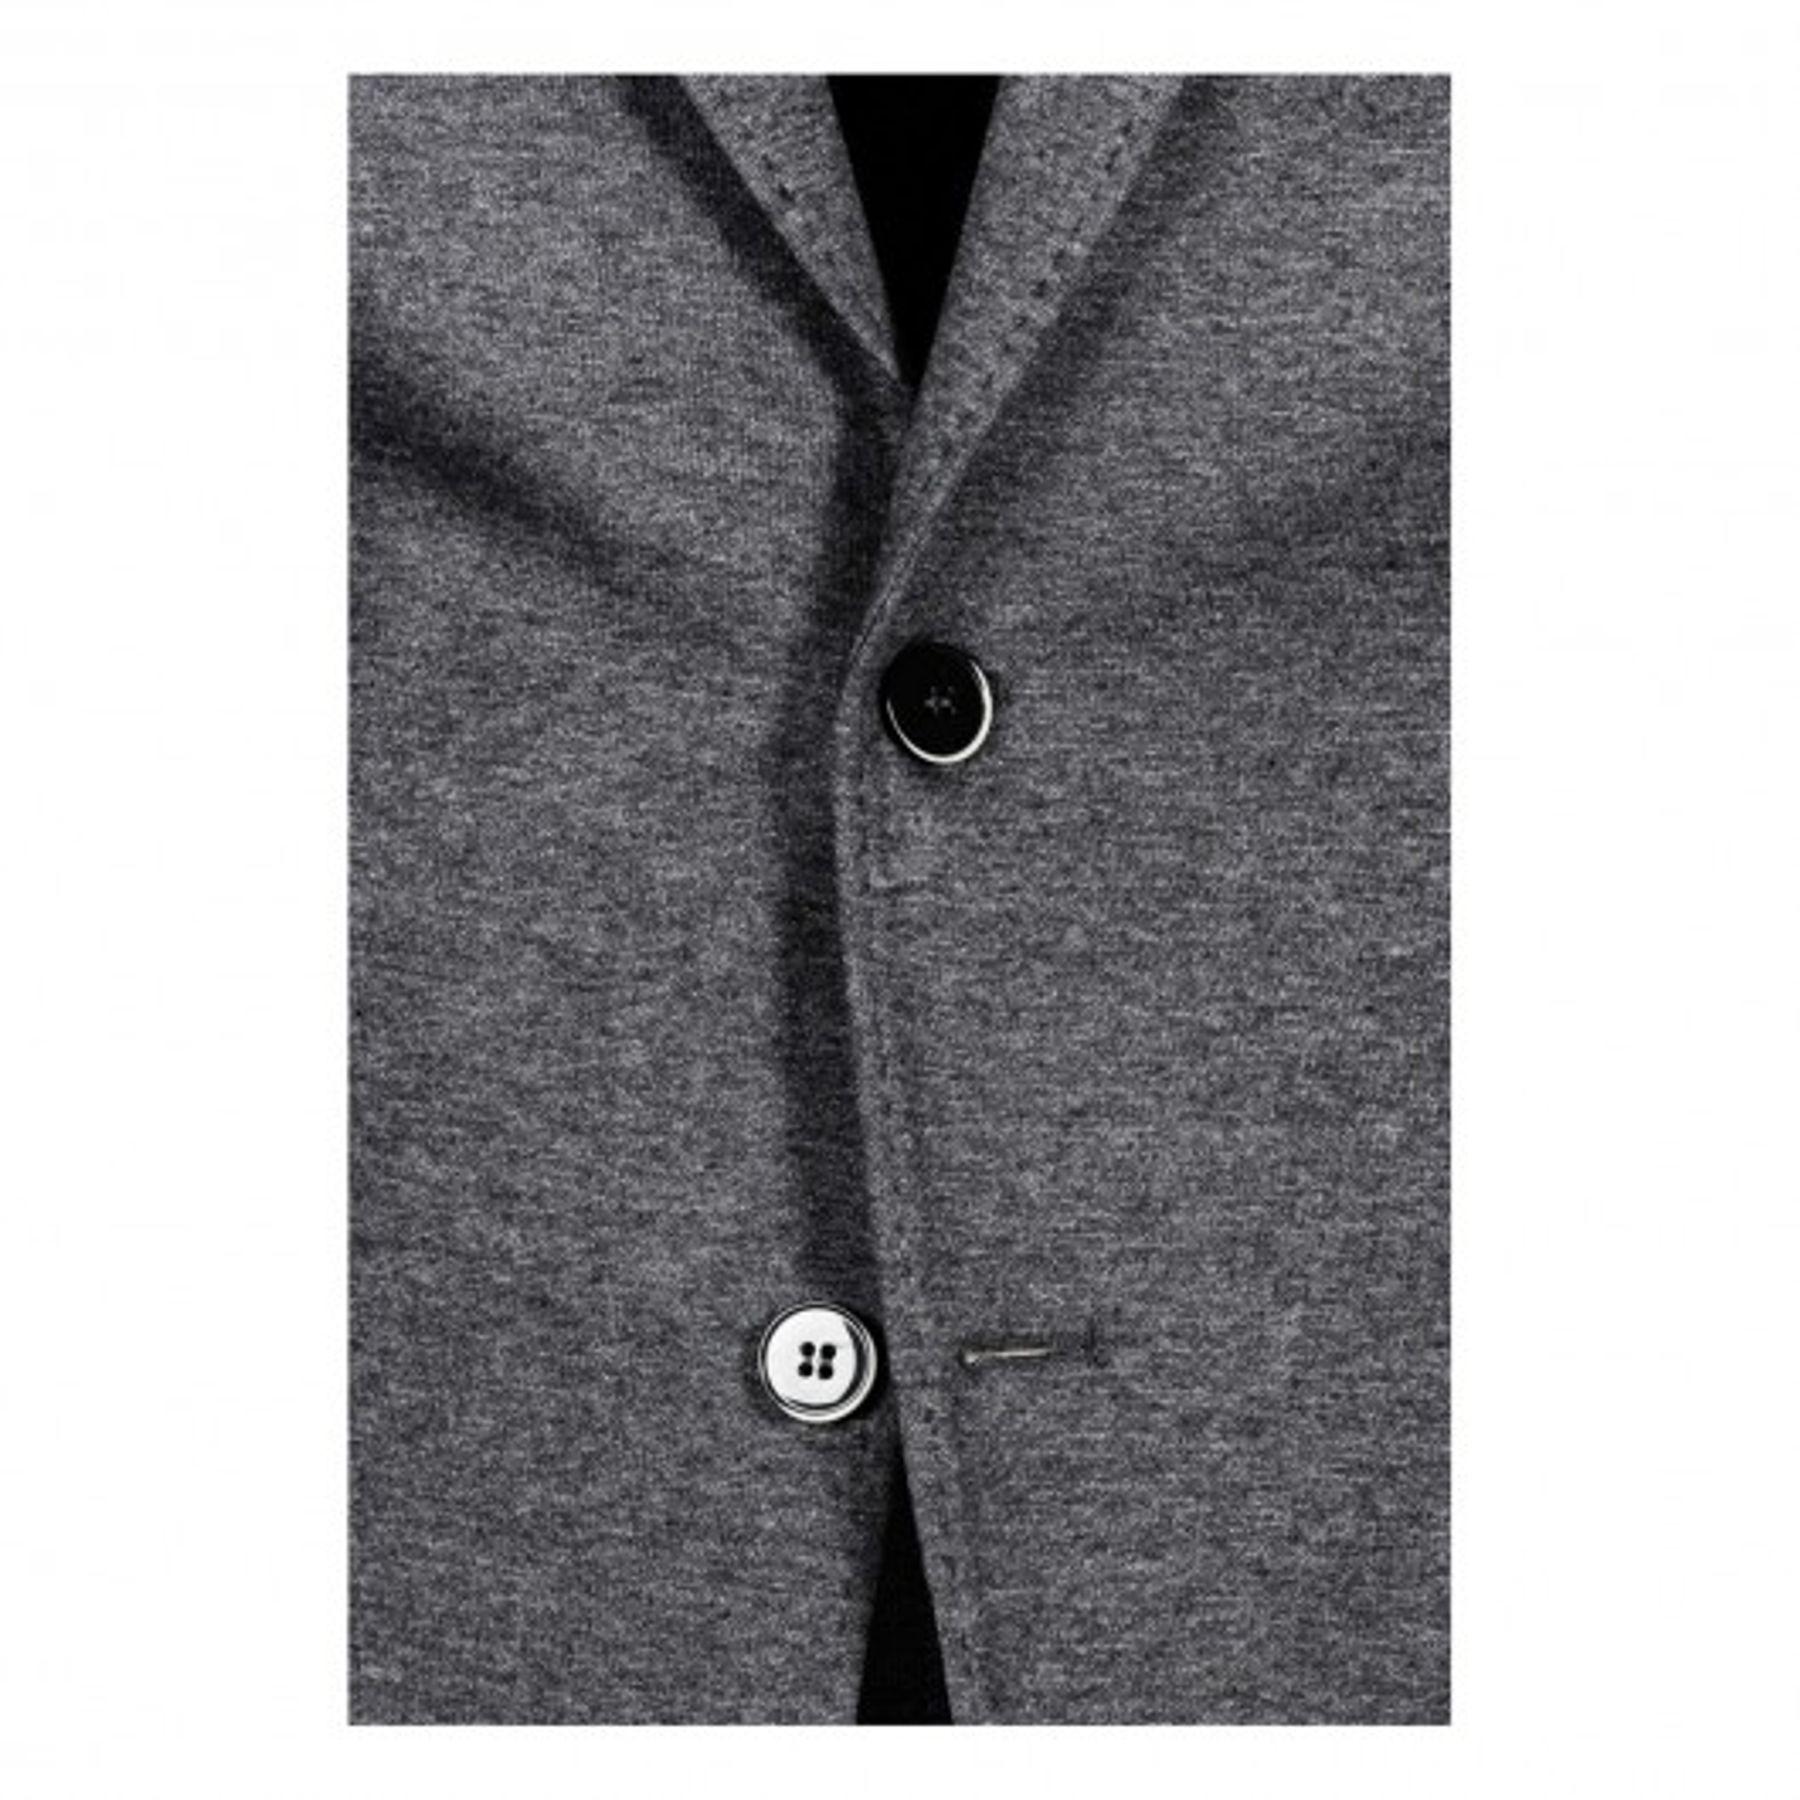 Benvenuto Black - Modern Fit - Herren Jersey Sakko in modischer Optik, Riva (20790, Modell: 62568) – Bild 4